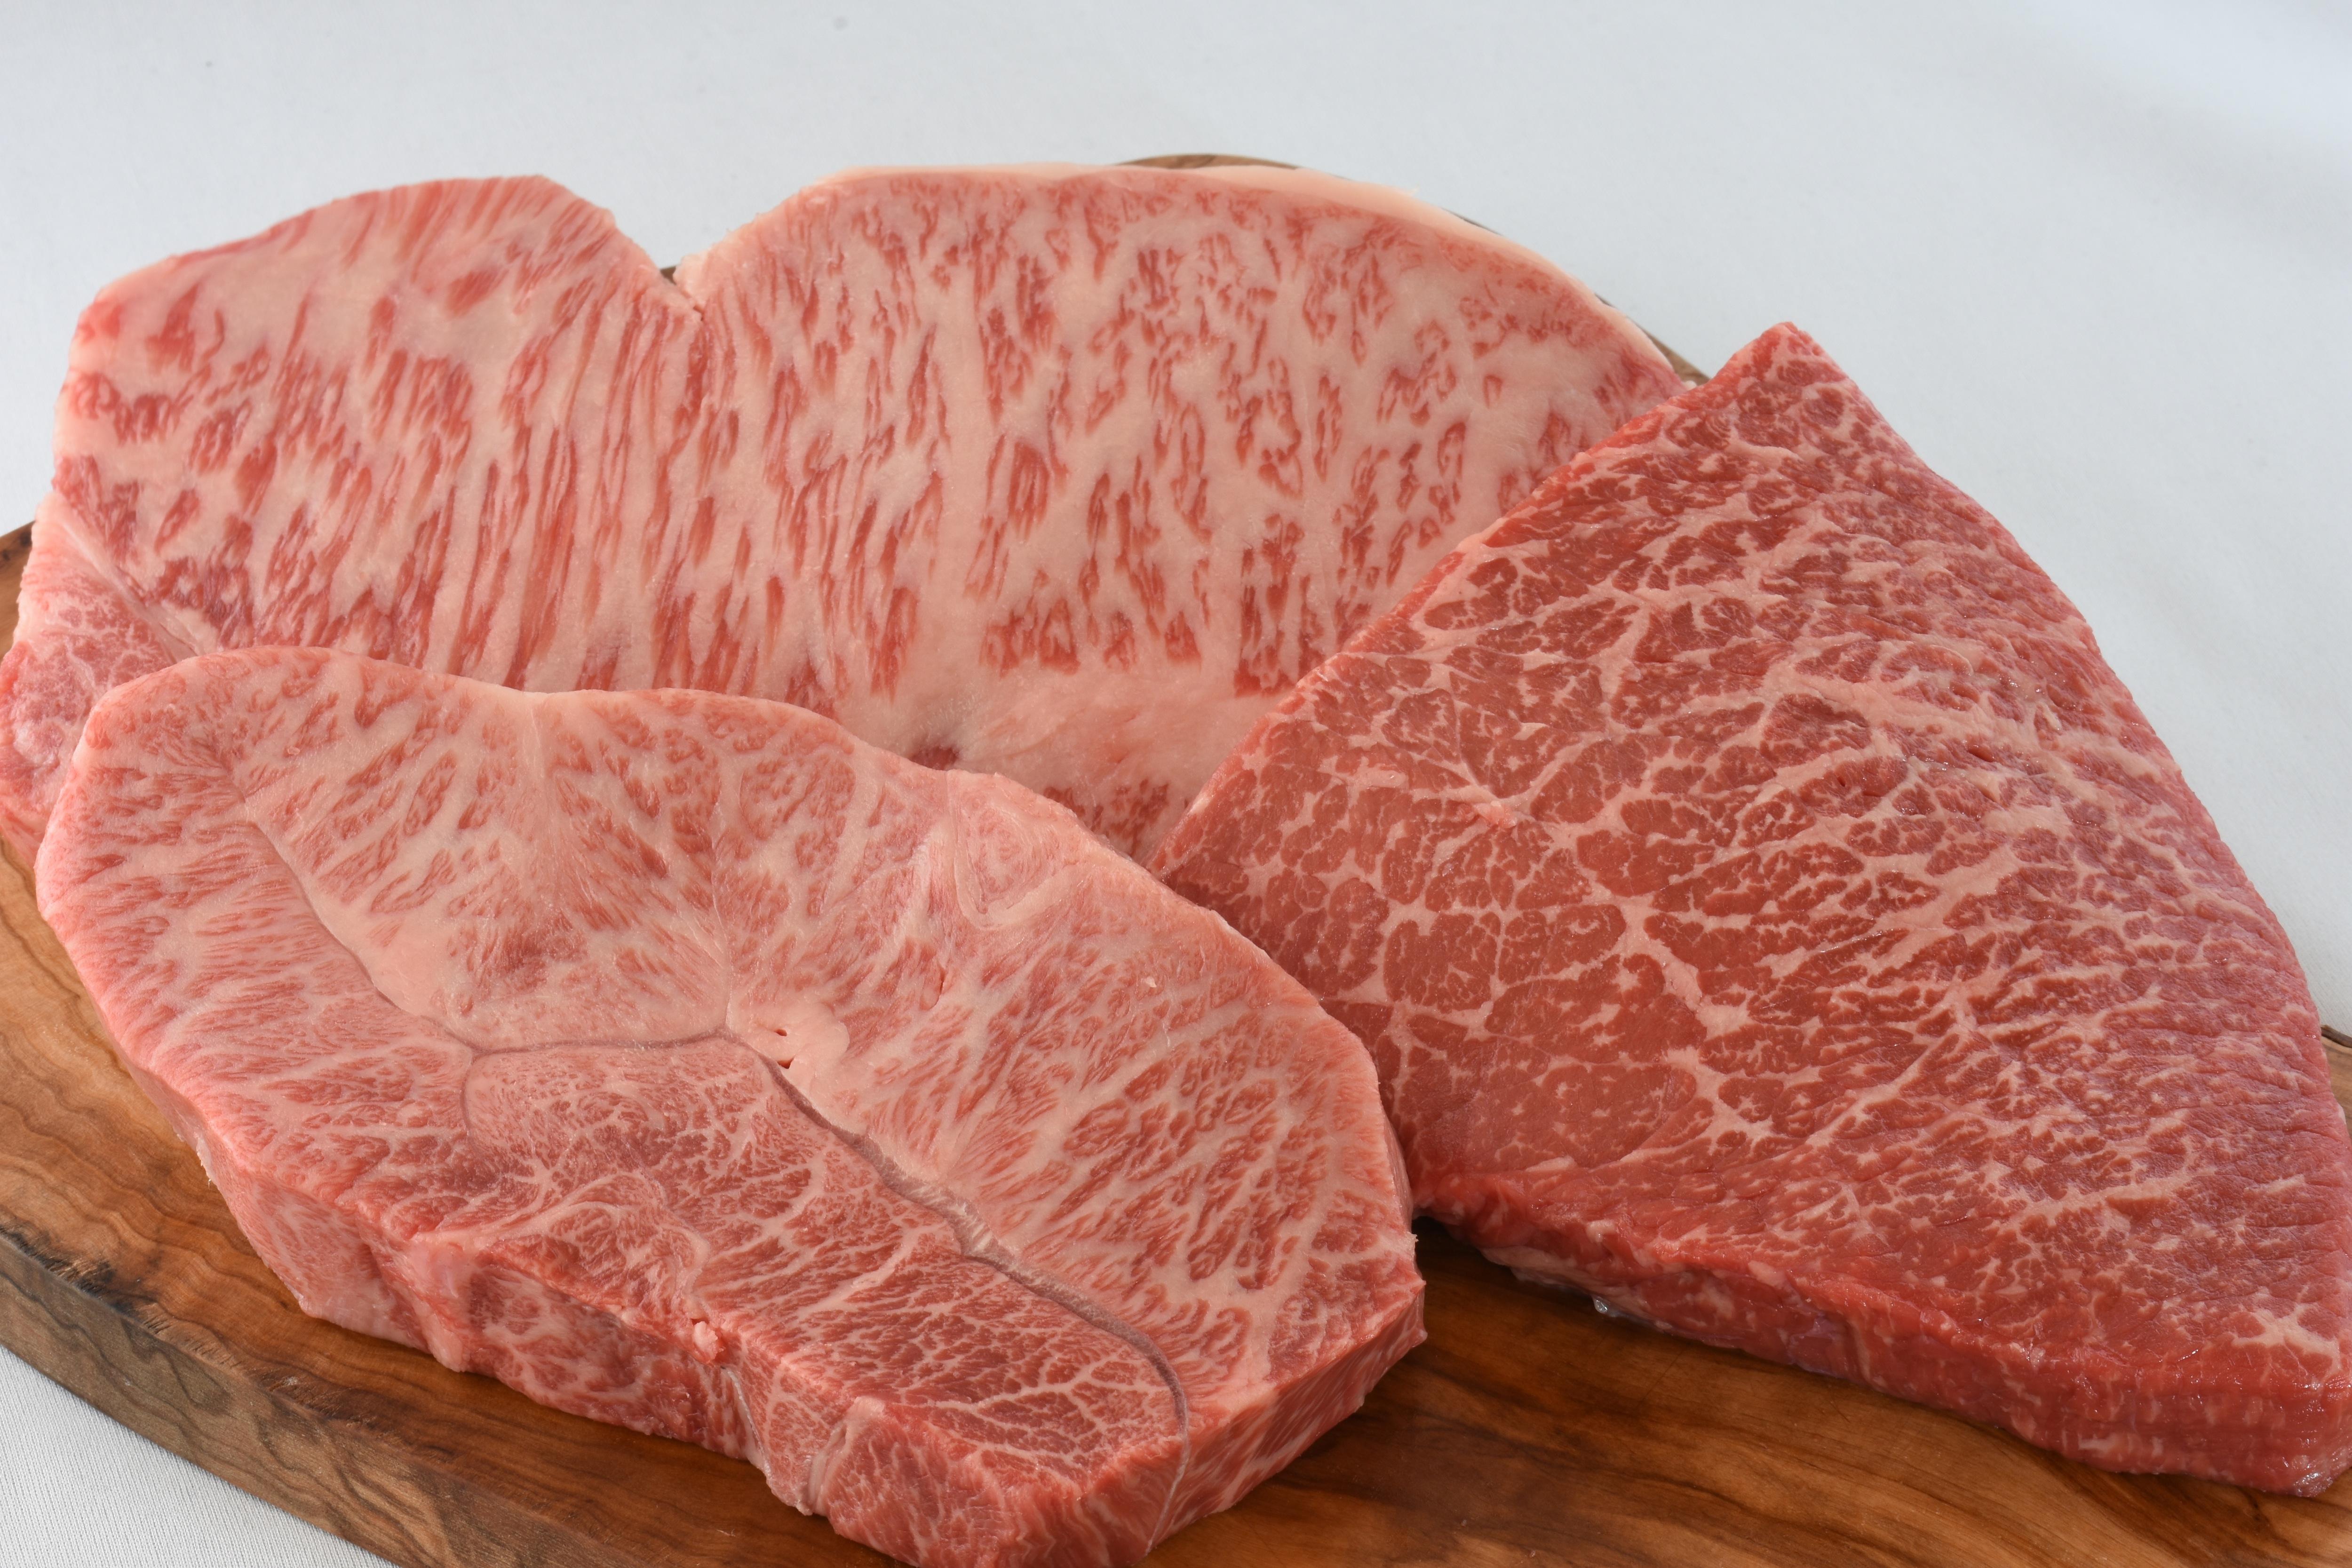 ミートコンシュルジュセレクト和牛ステーキ詰め合わせ(3枚/500g相当)